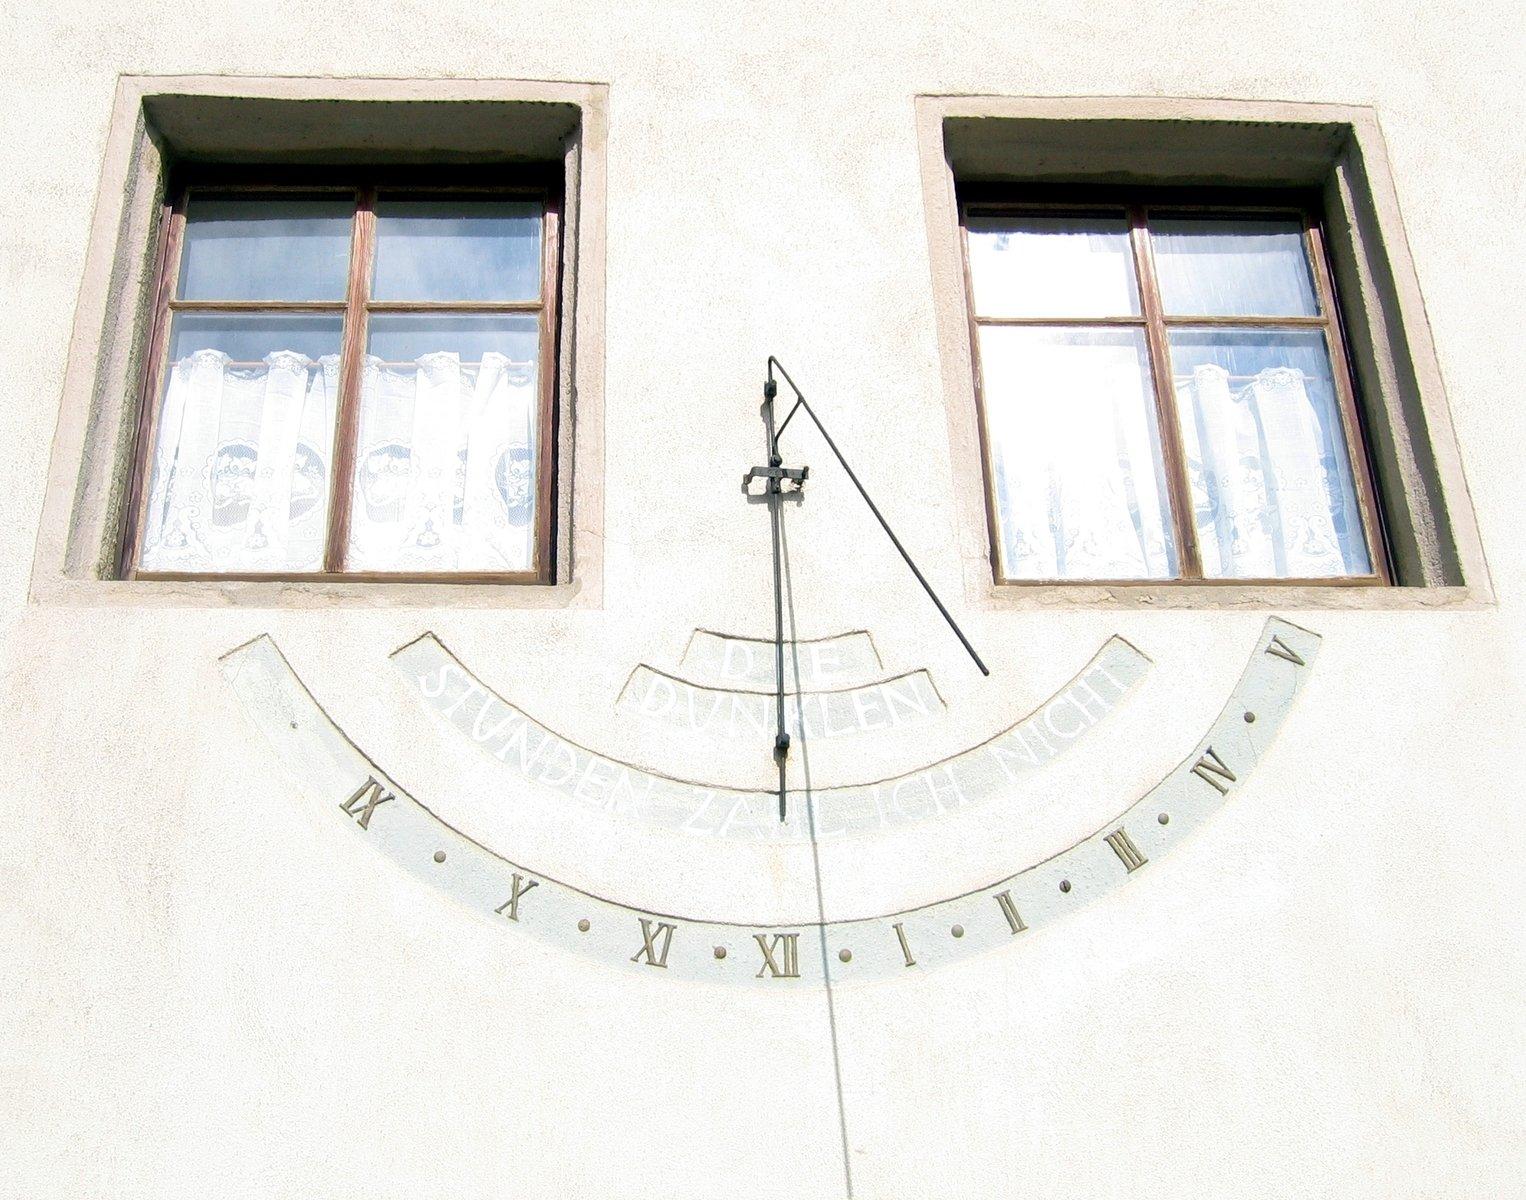 Горизонтальные солнечные часы (лимассол, кипр).